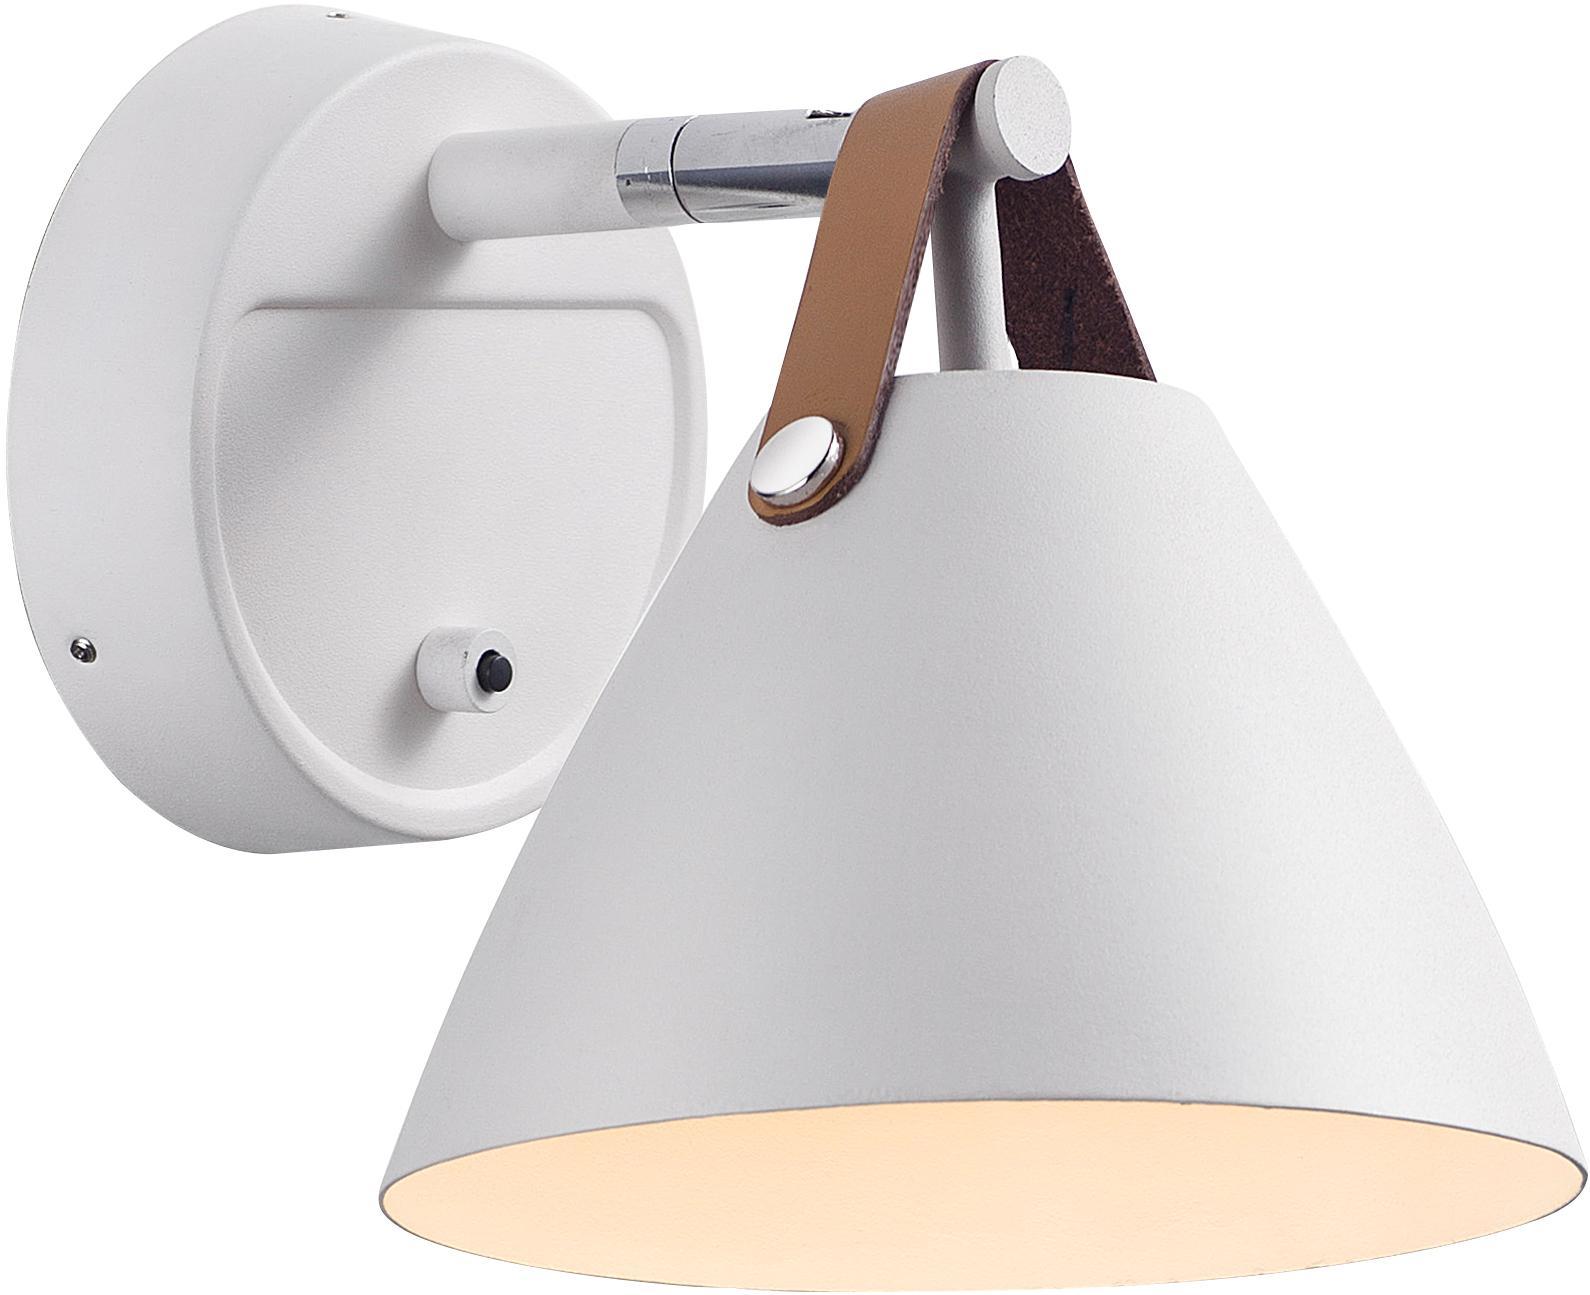 Wandleuchte Strap mit austauschbarem Lederband und Stecker, Lampenschirm und Wandbefestigung: Weiß<br>Lederband: Sand oder Schwarz, 17 x 21 cm